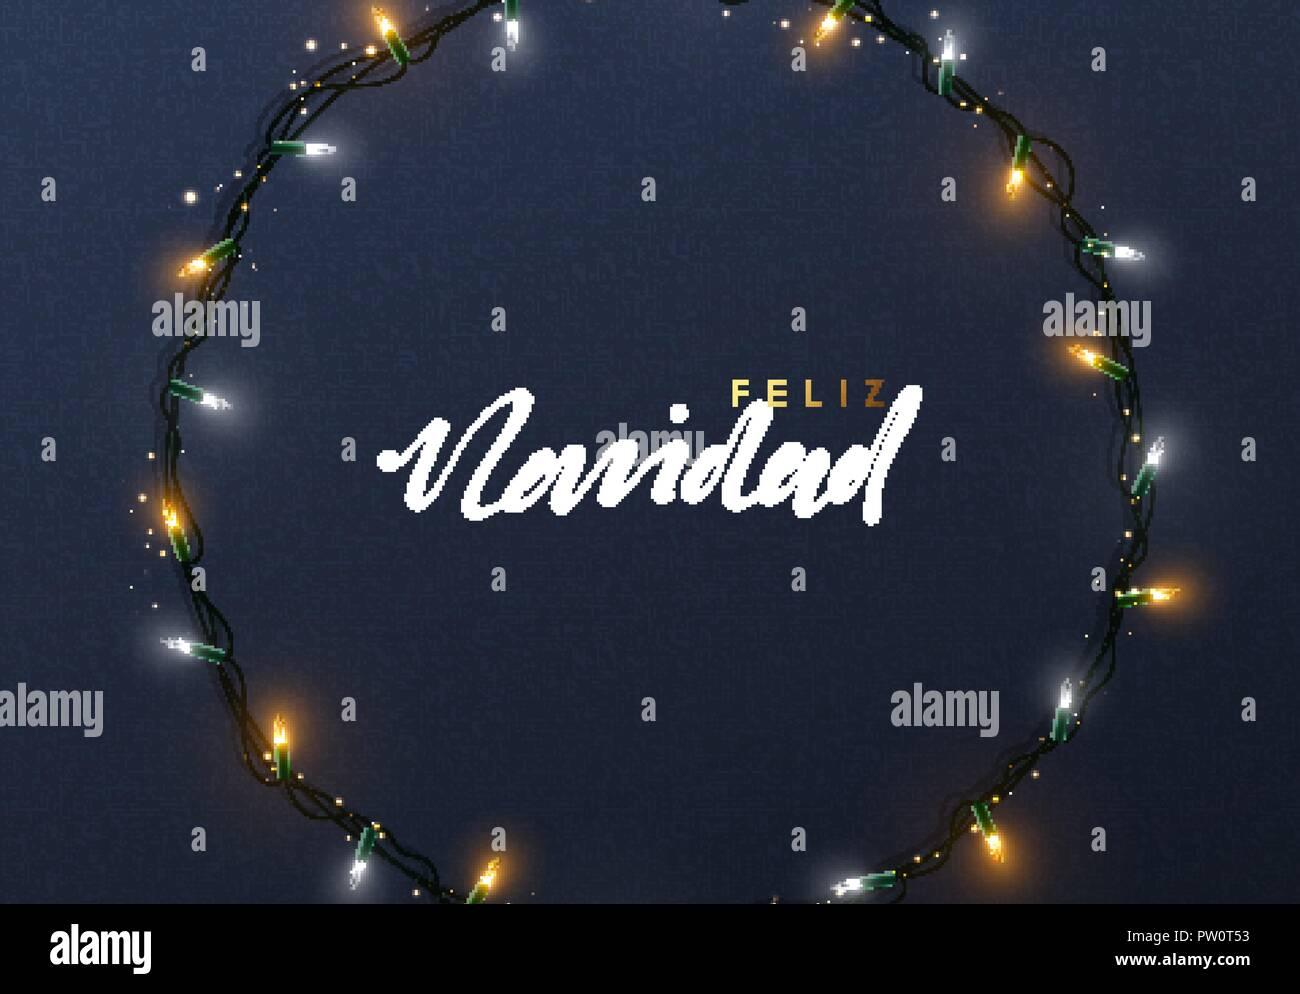 Weihnachtsbeleuchtung Kranz.Glühende Weihnachtsbeleuchtung Kranz Für Weihnachten